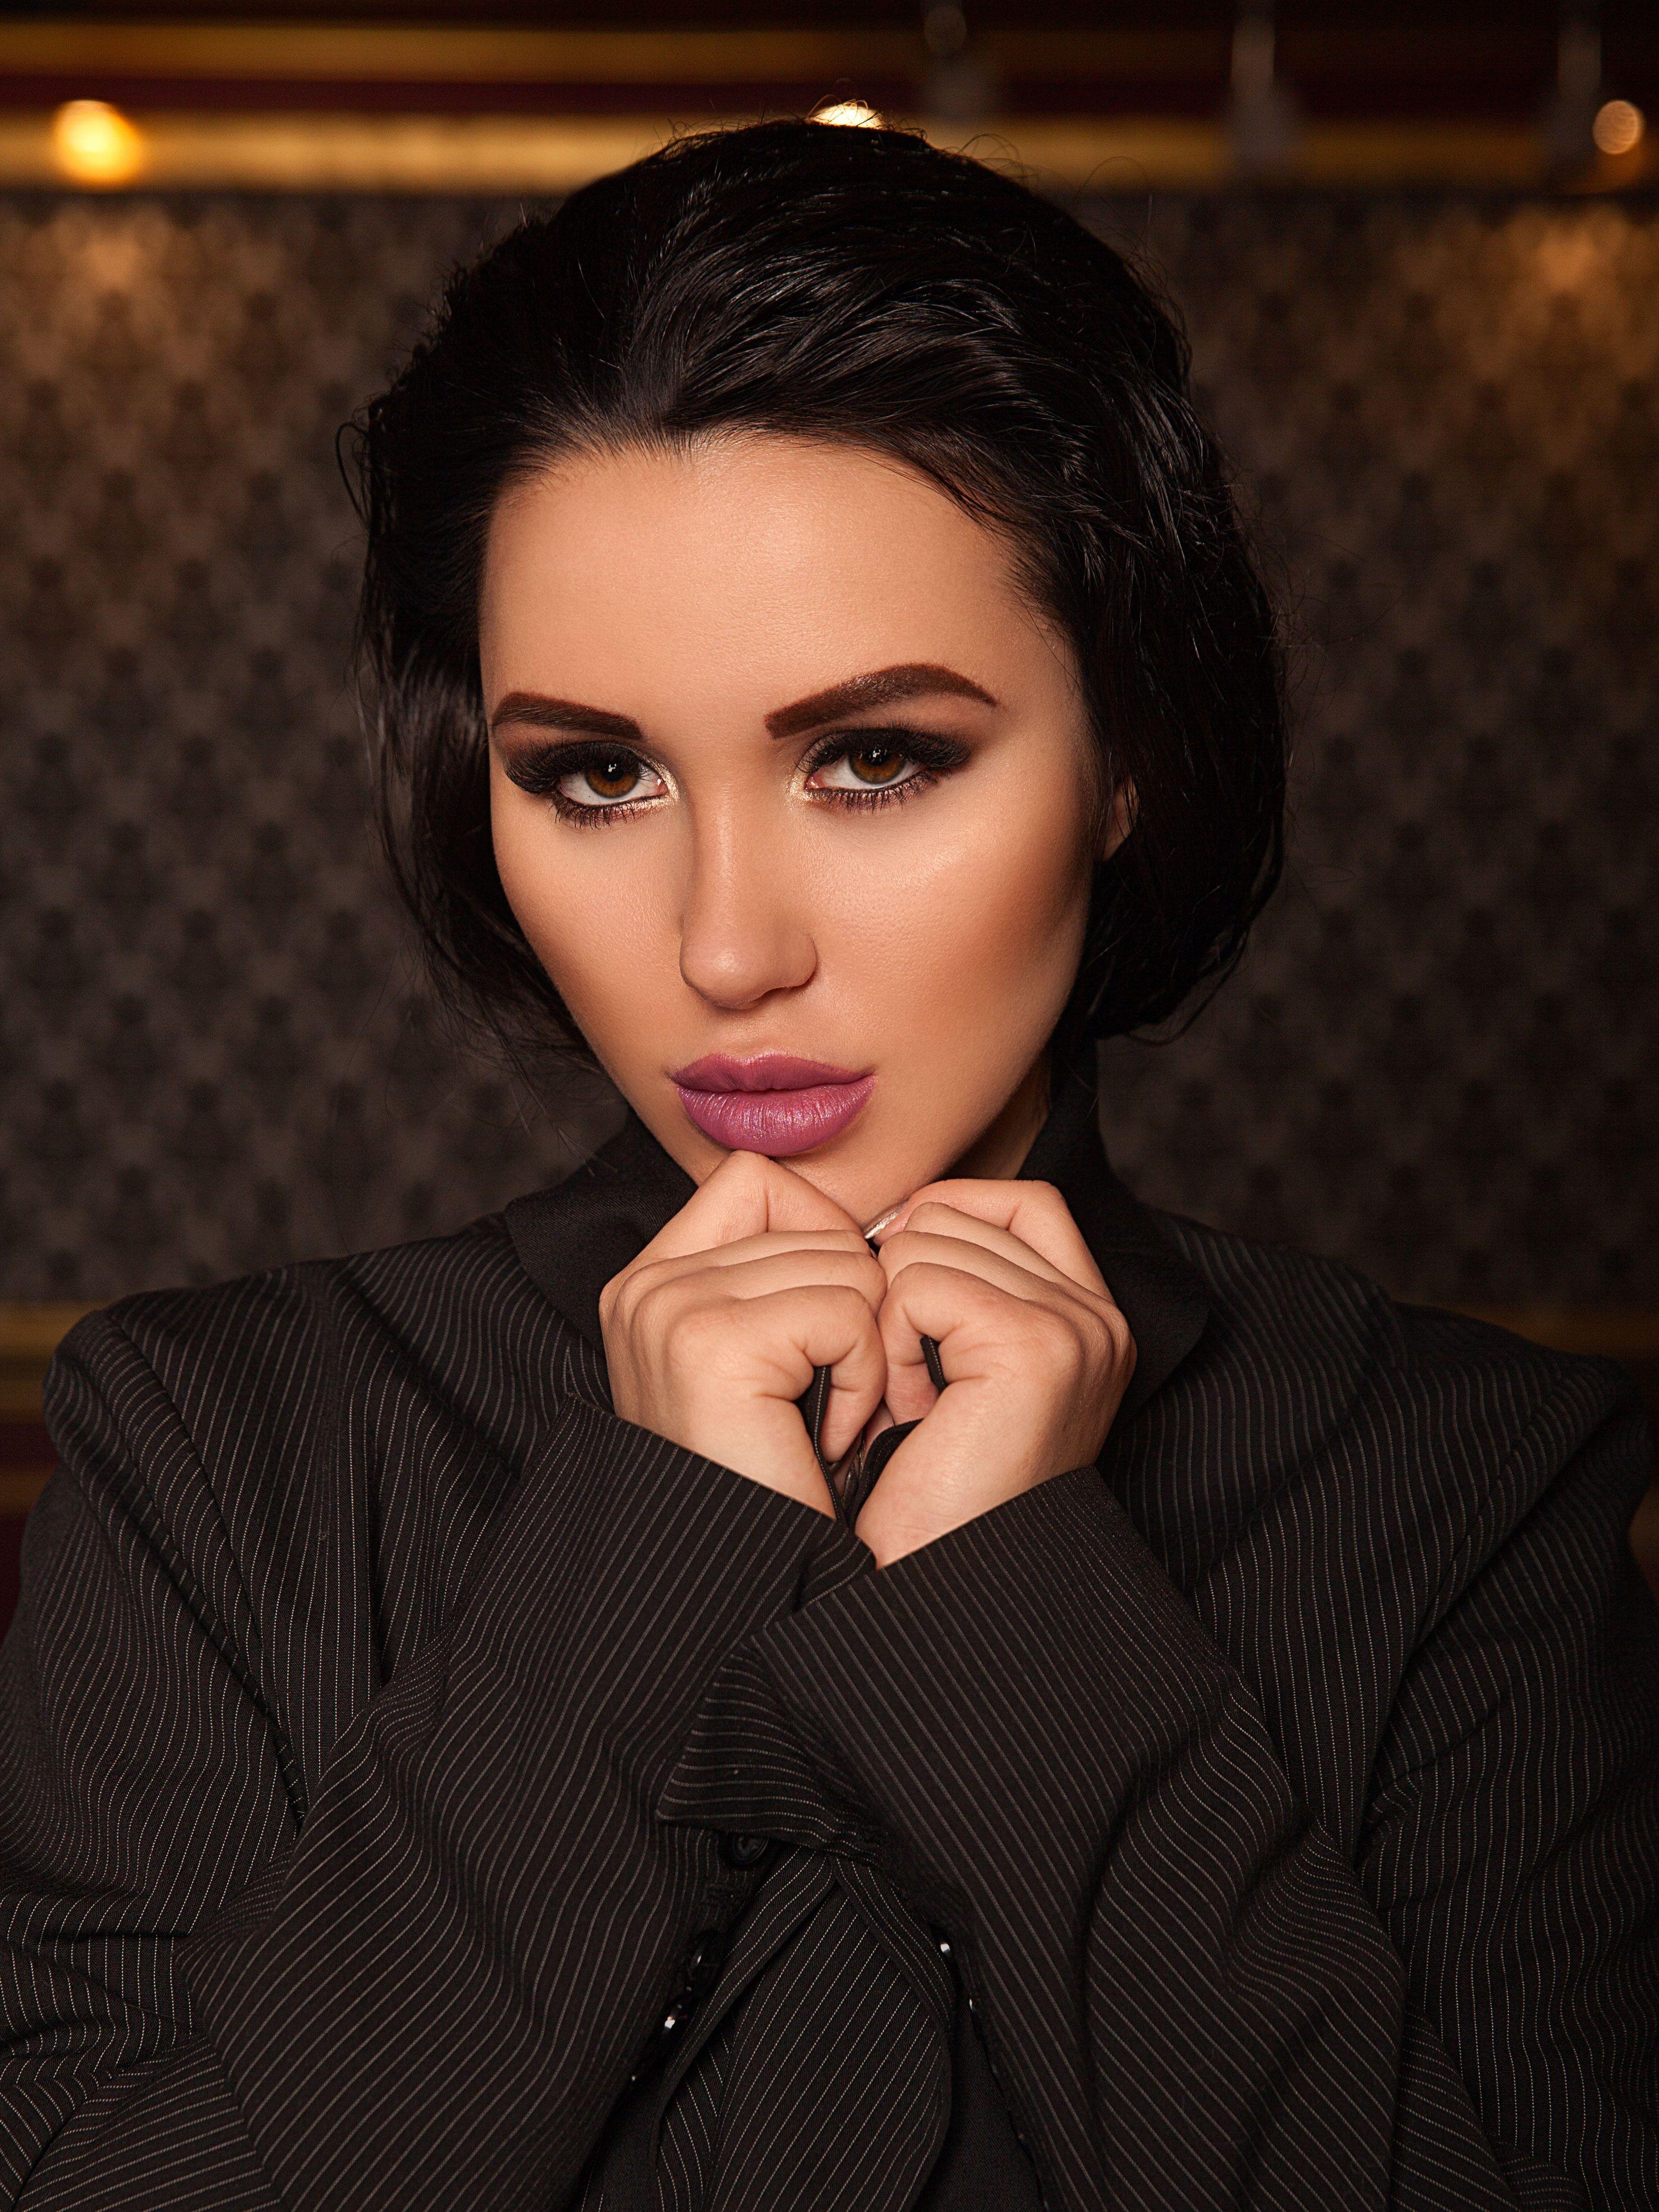 Анастасия Рафаловская (Anastasiya Rafalovskaya) Фото - модель, главный редактору журнала Ballare magazine